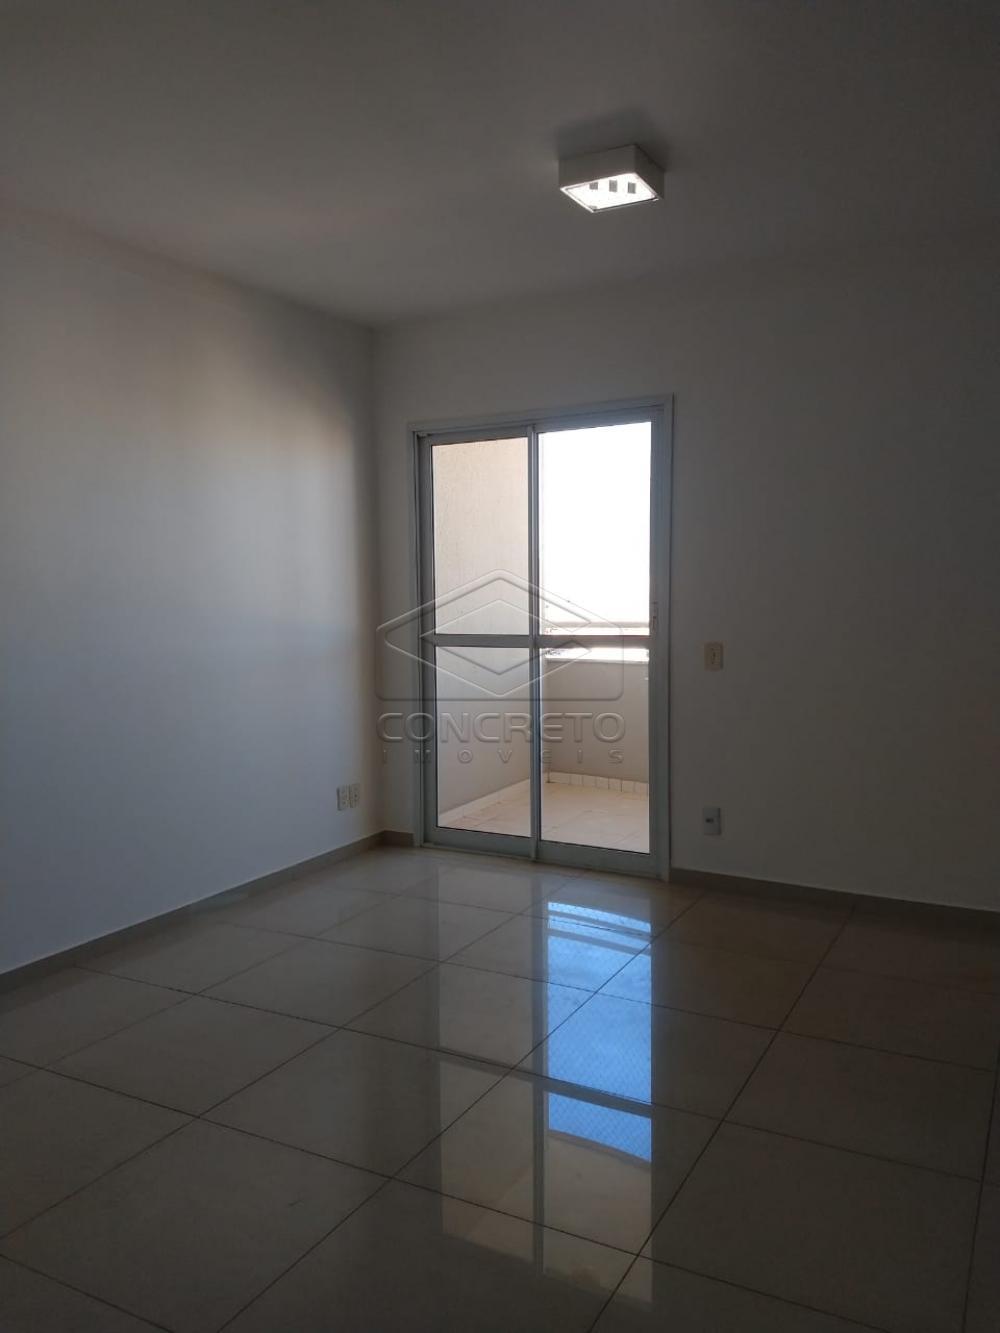 Comprar Apartamento / Padrão em Bauru R$ 340.000,00 - Foto 5